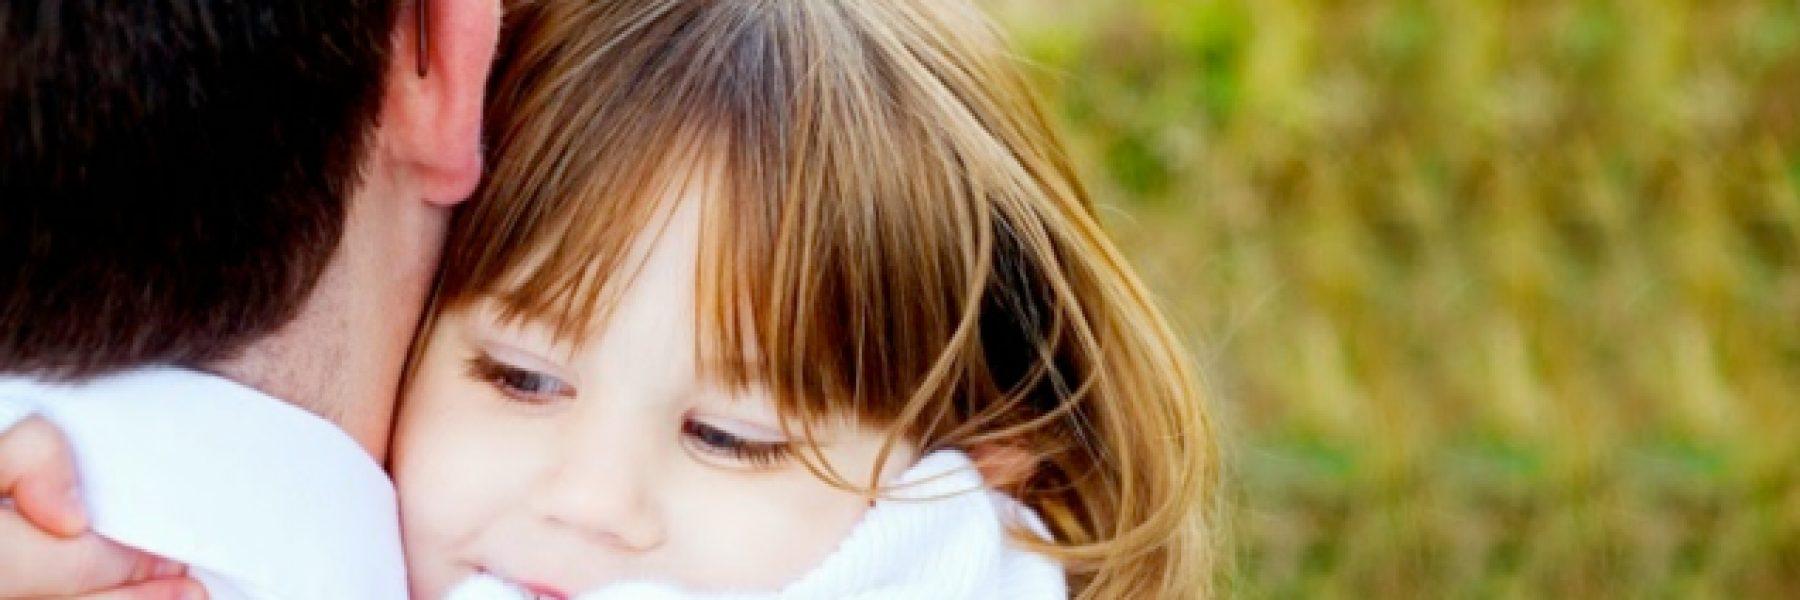 EMDR y trauma en la infancia